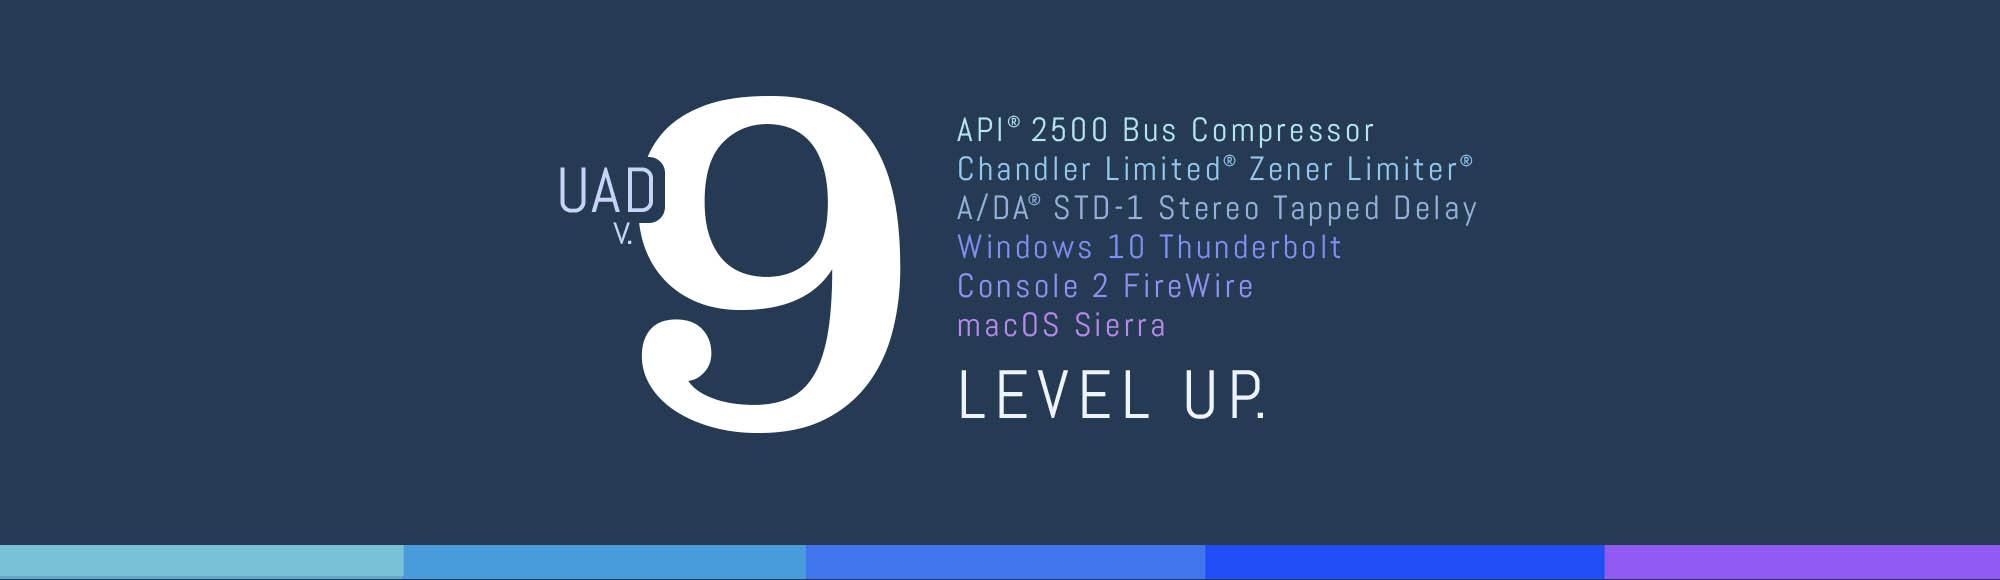 v9.0 UAD Software